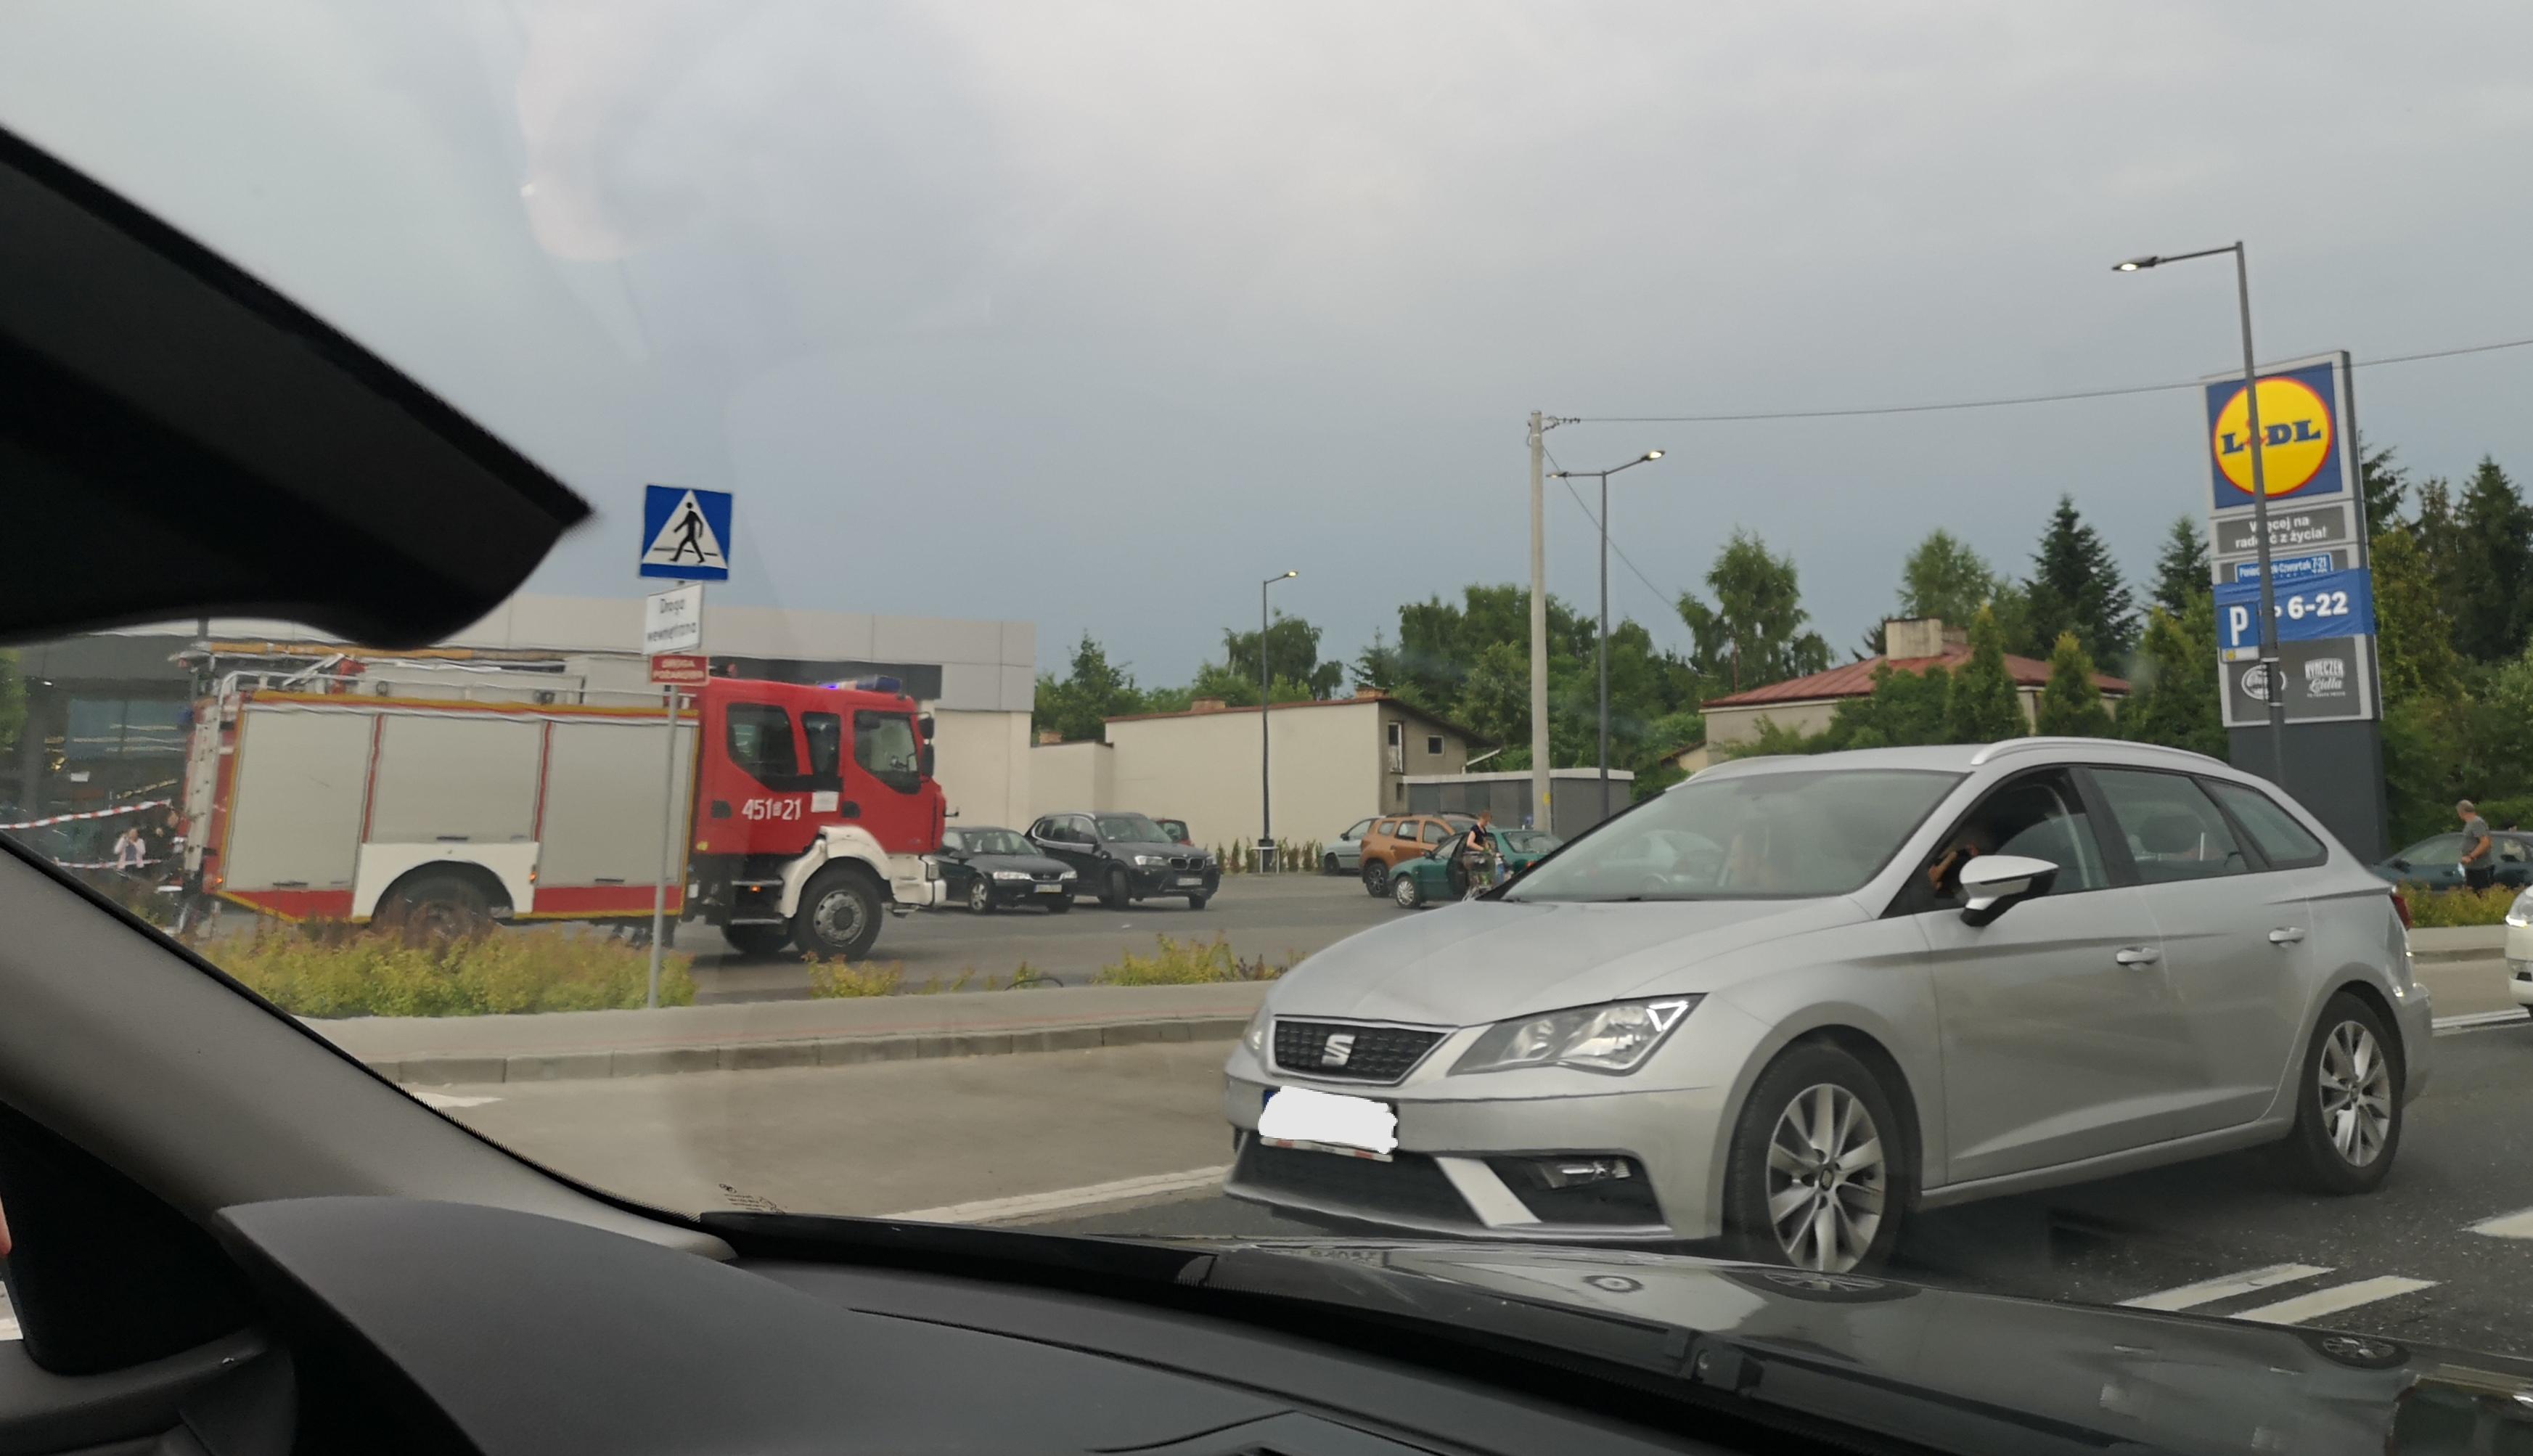 Strażacy interweniowali przed Lidlem w Kolbuszowej  - Zdjęcie główne